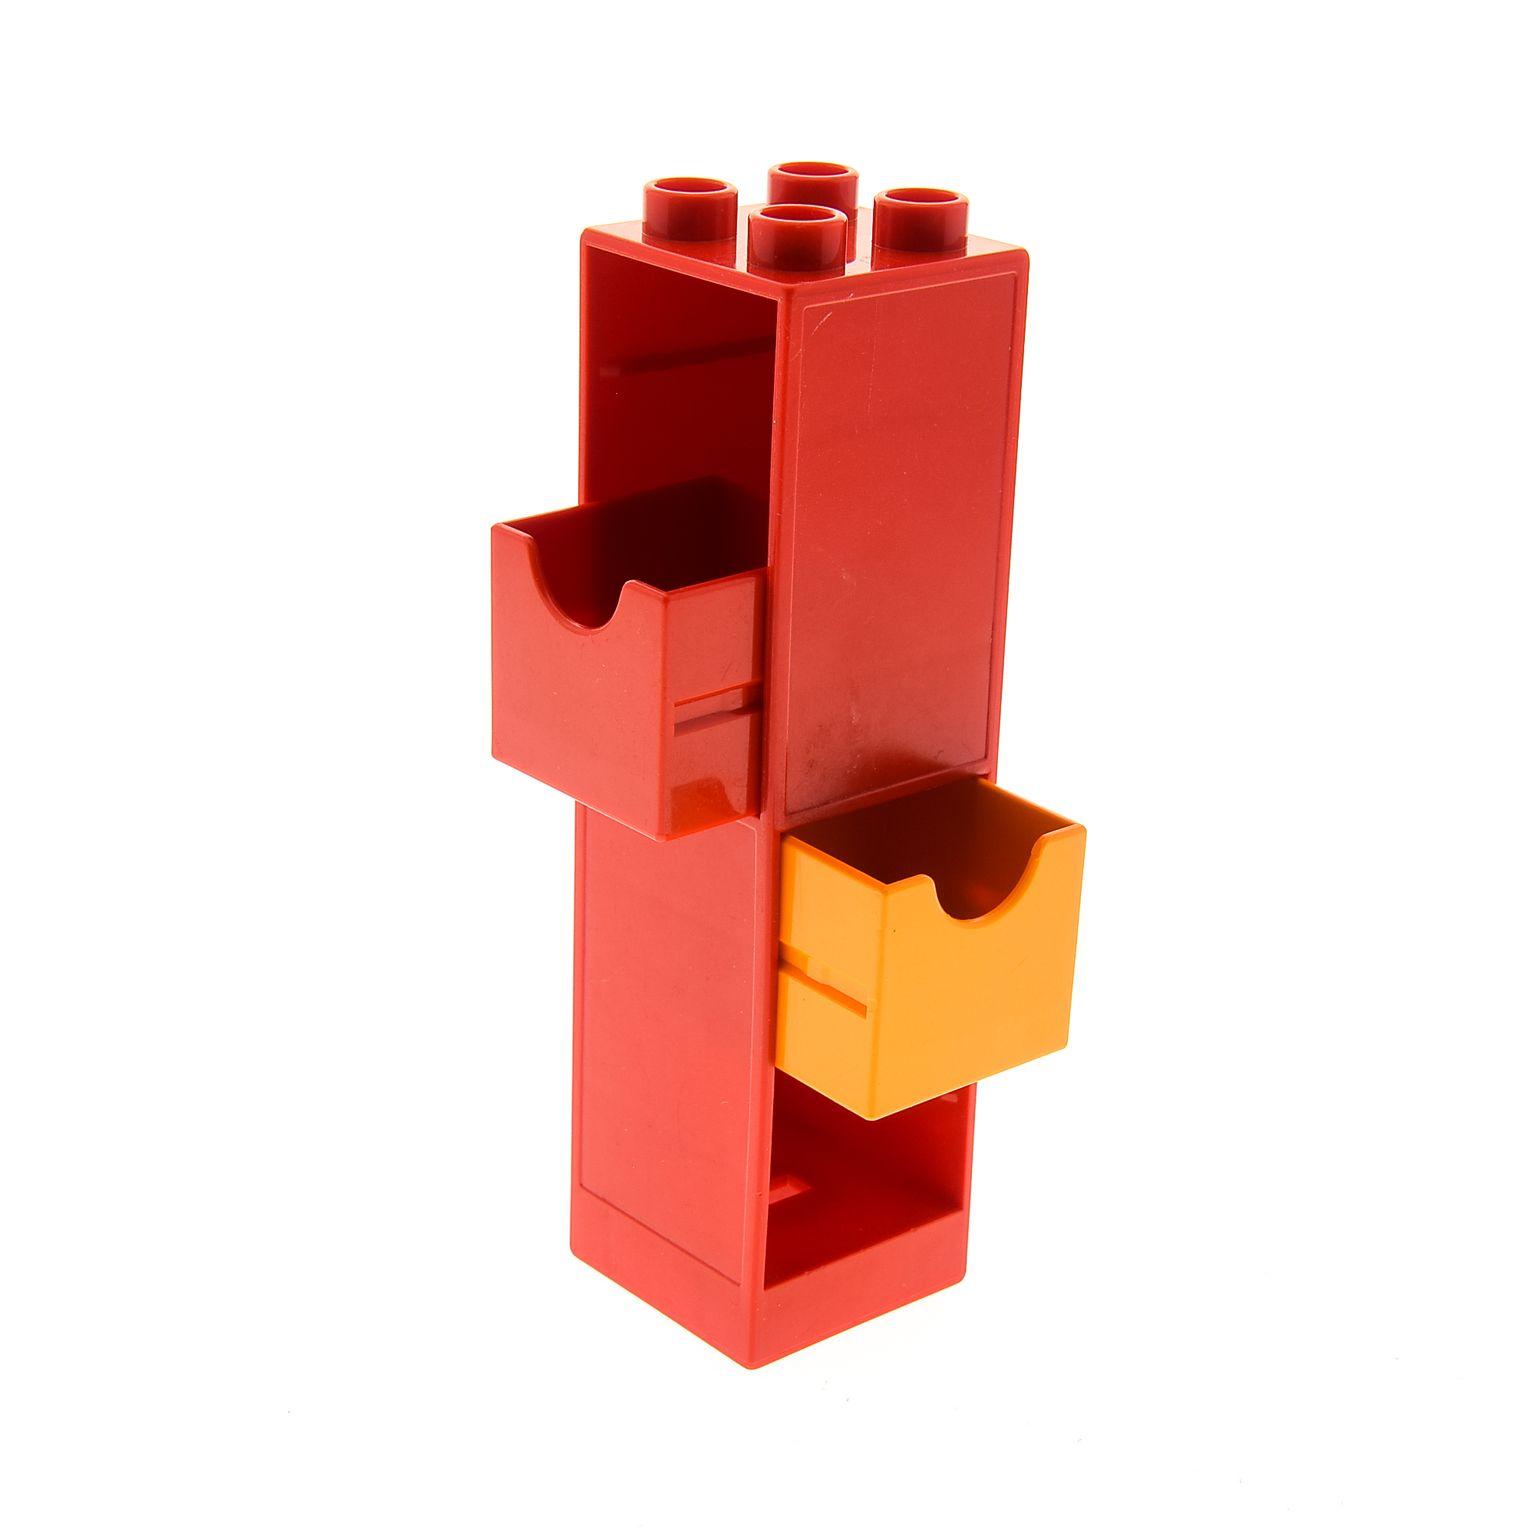 1 x Lego Duplo Möbel Regal rot 2x2x6 Schrank Säule mit 2x Schublade ...